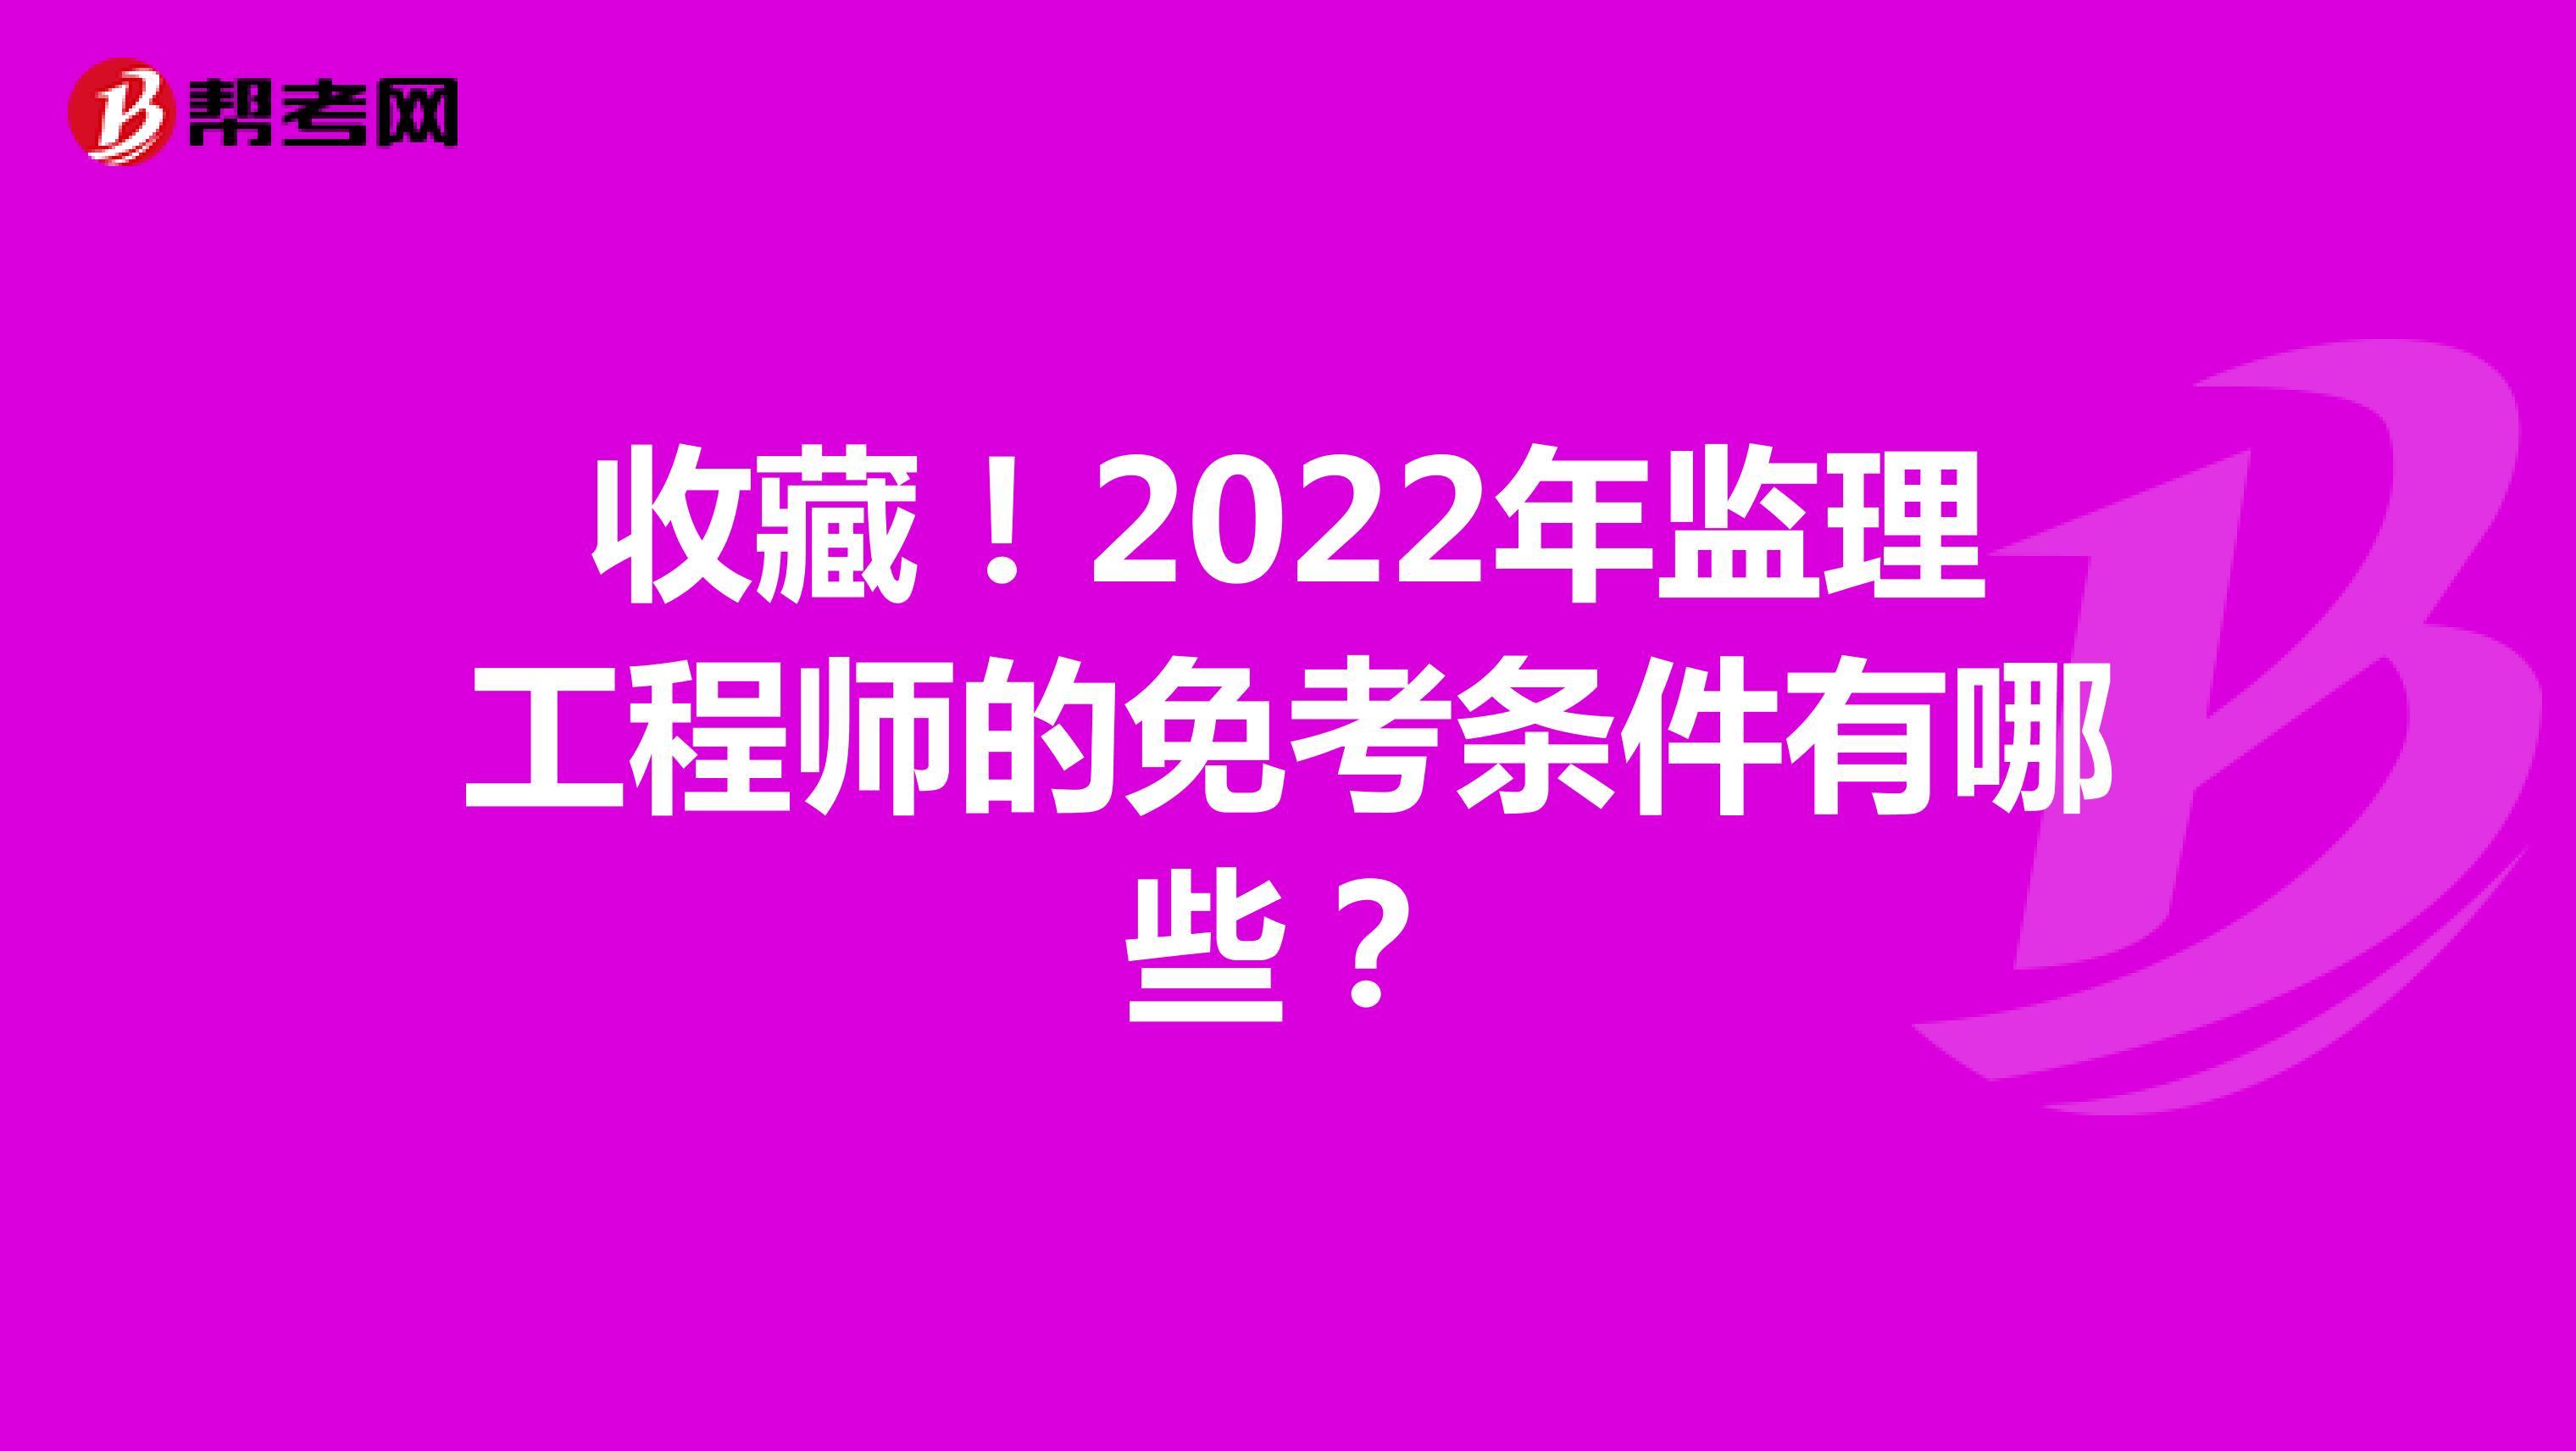 收藏!2022年监理工程师的免考条件有哪些?